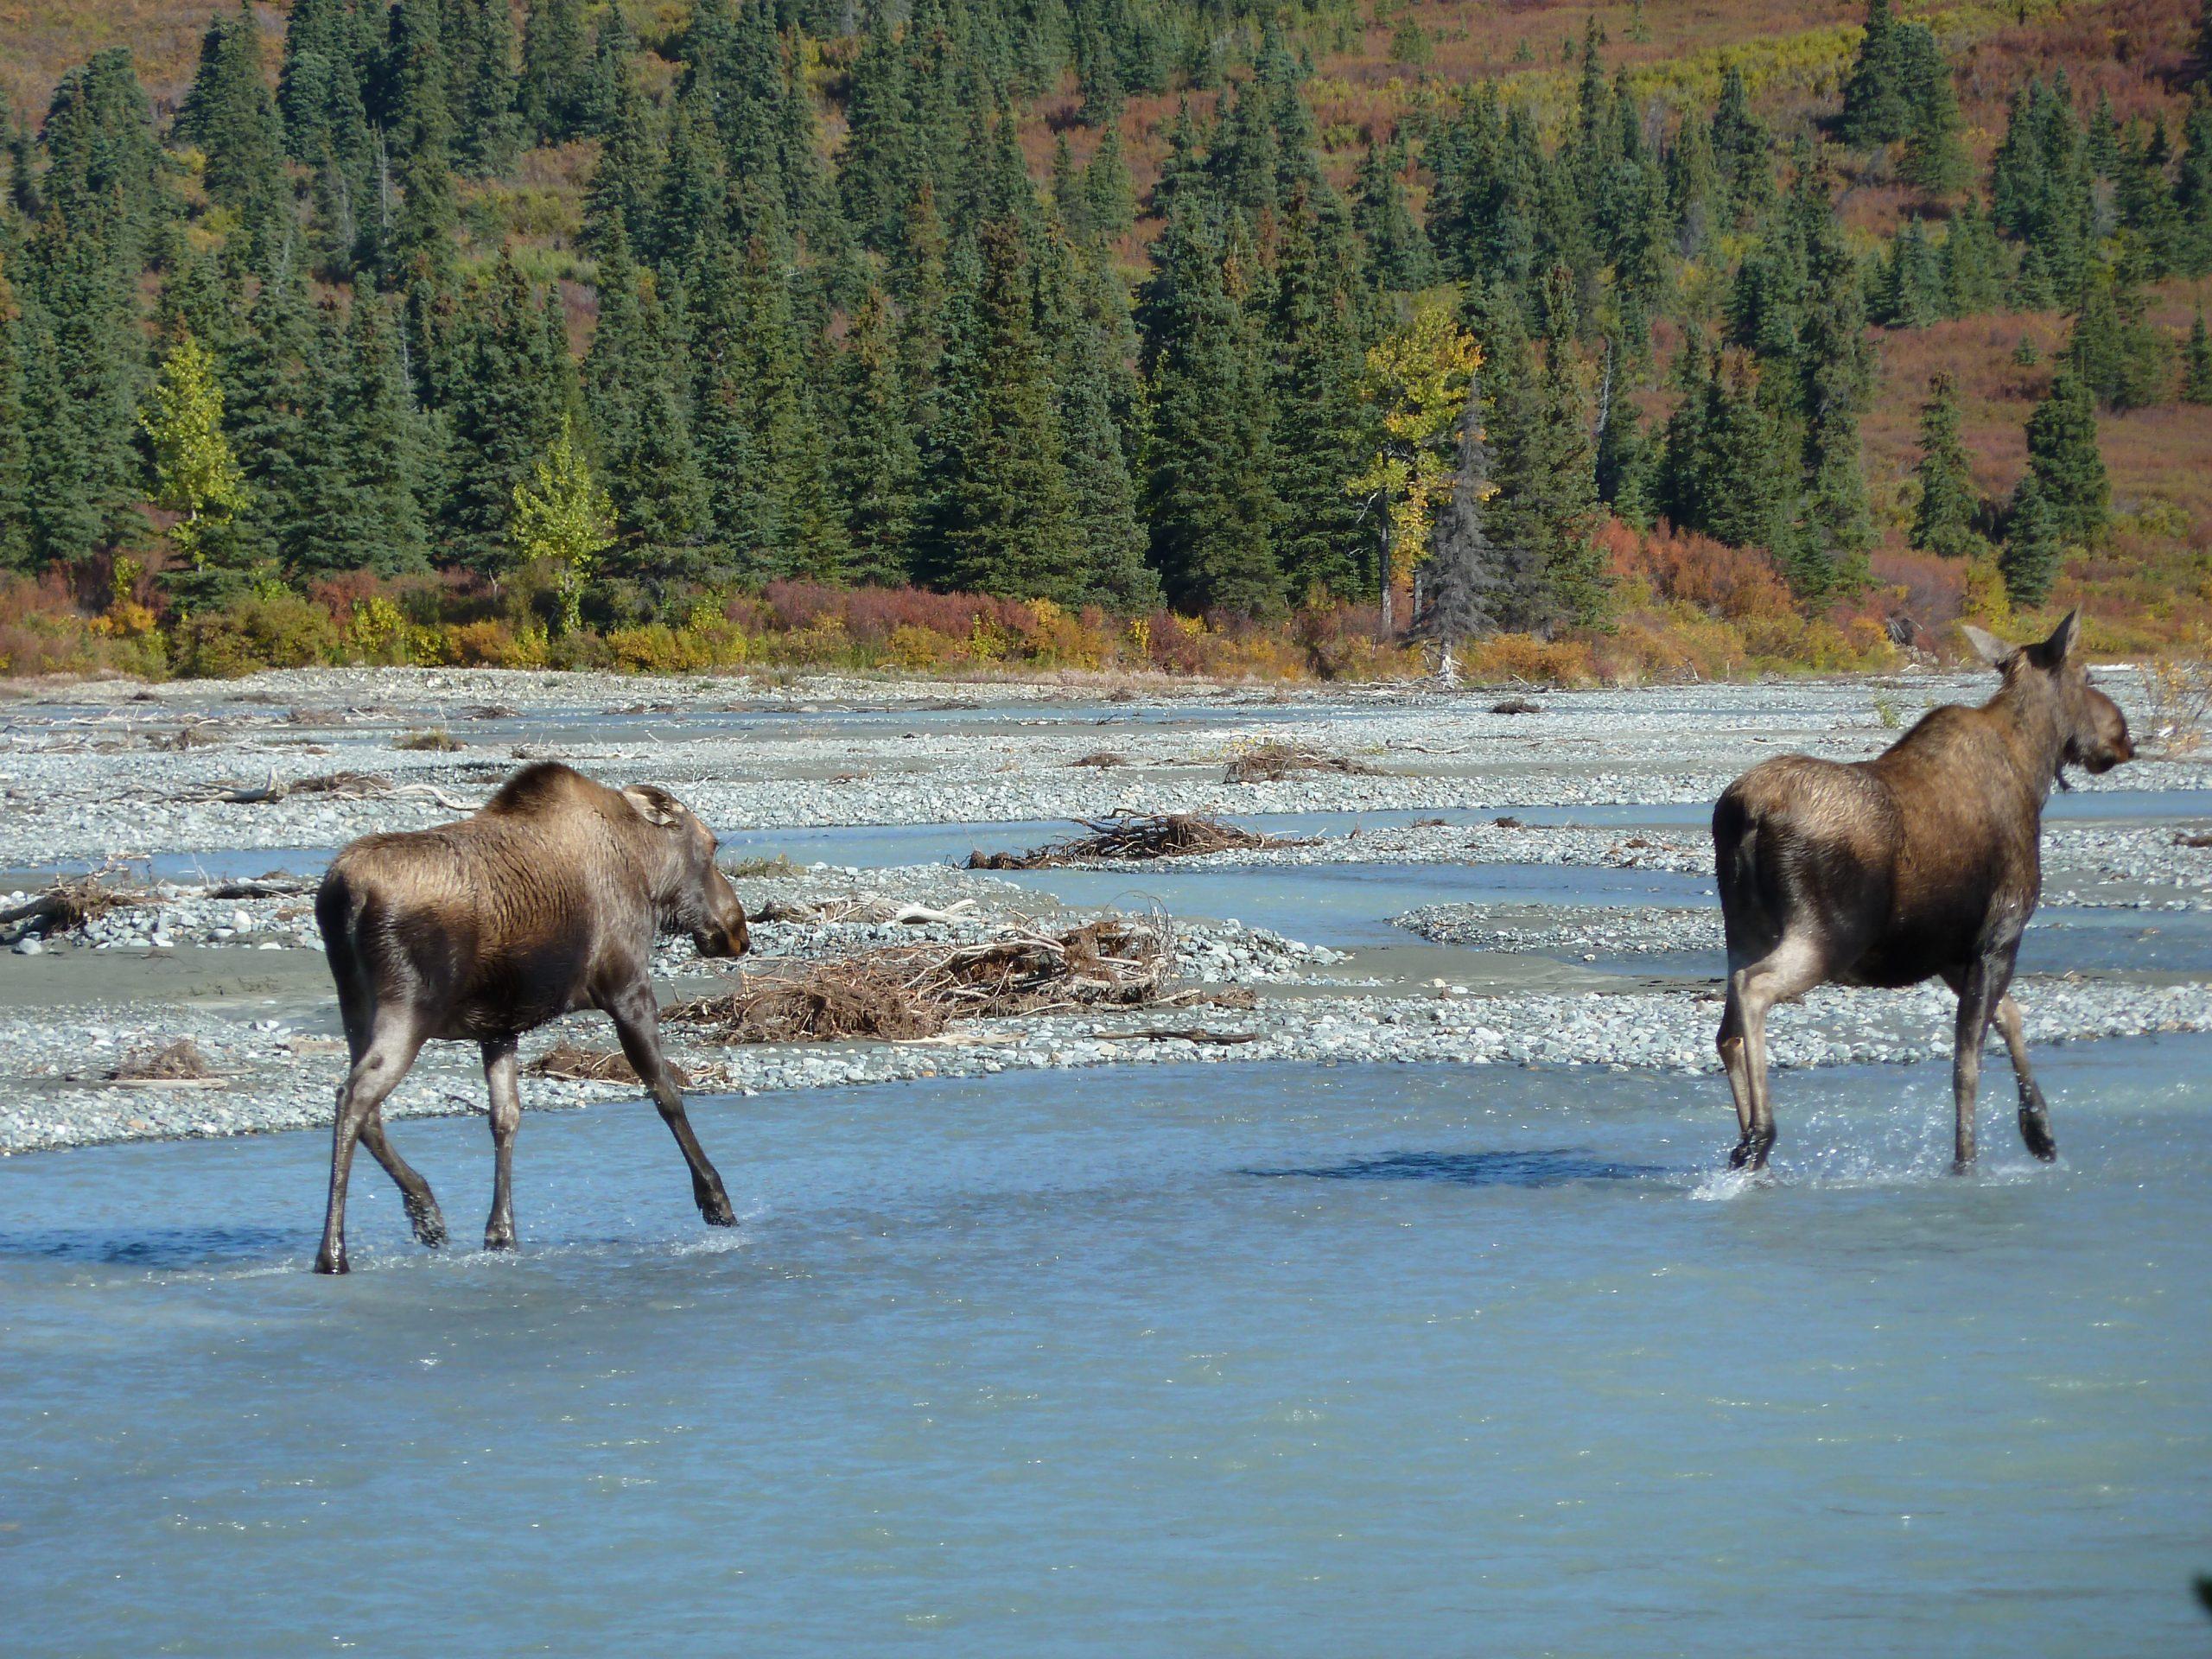 Radreise Alaska 2010 - Elche am Delta River